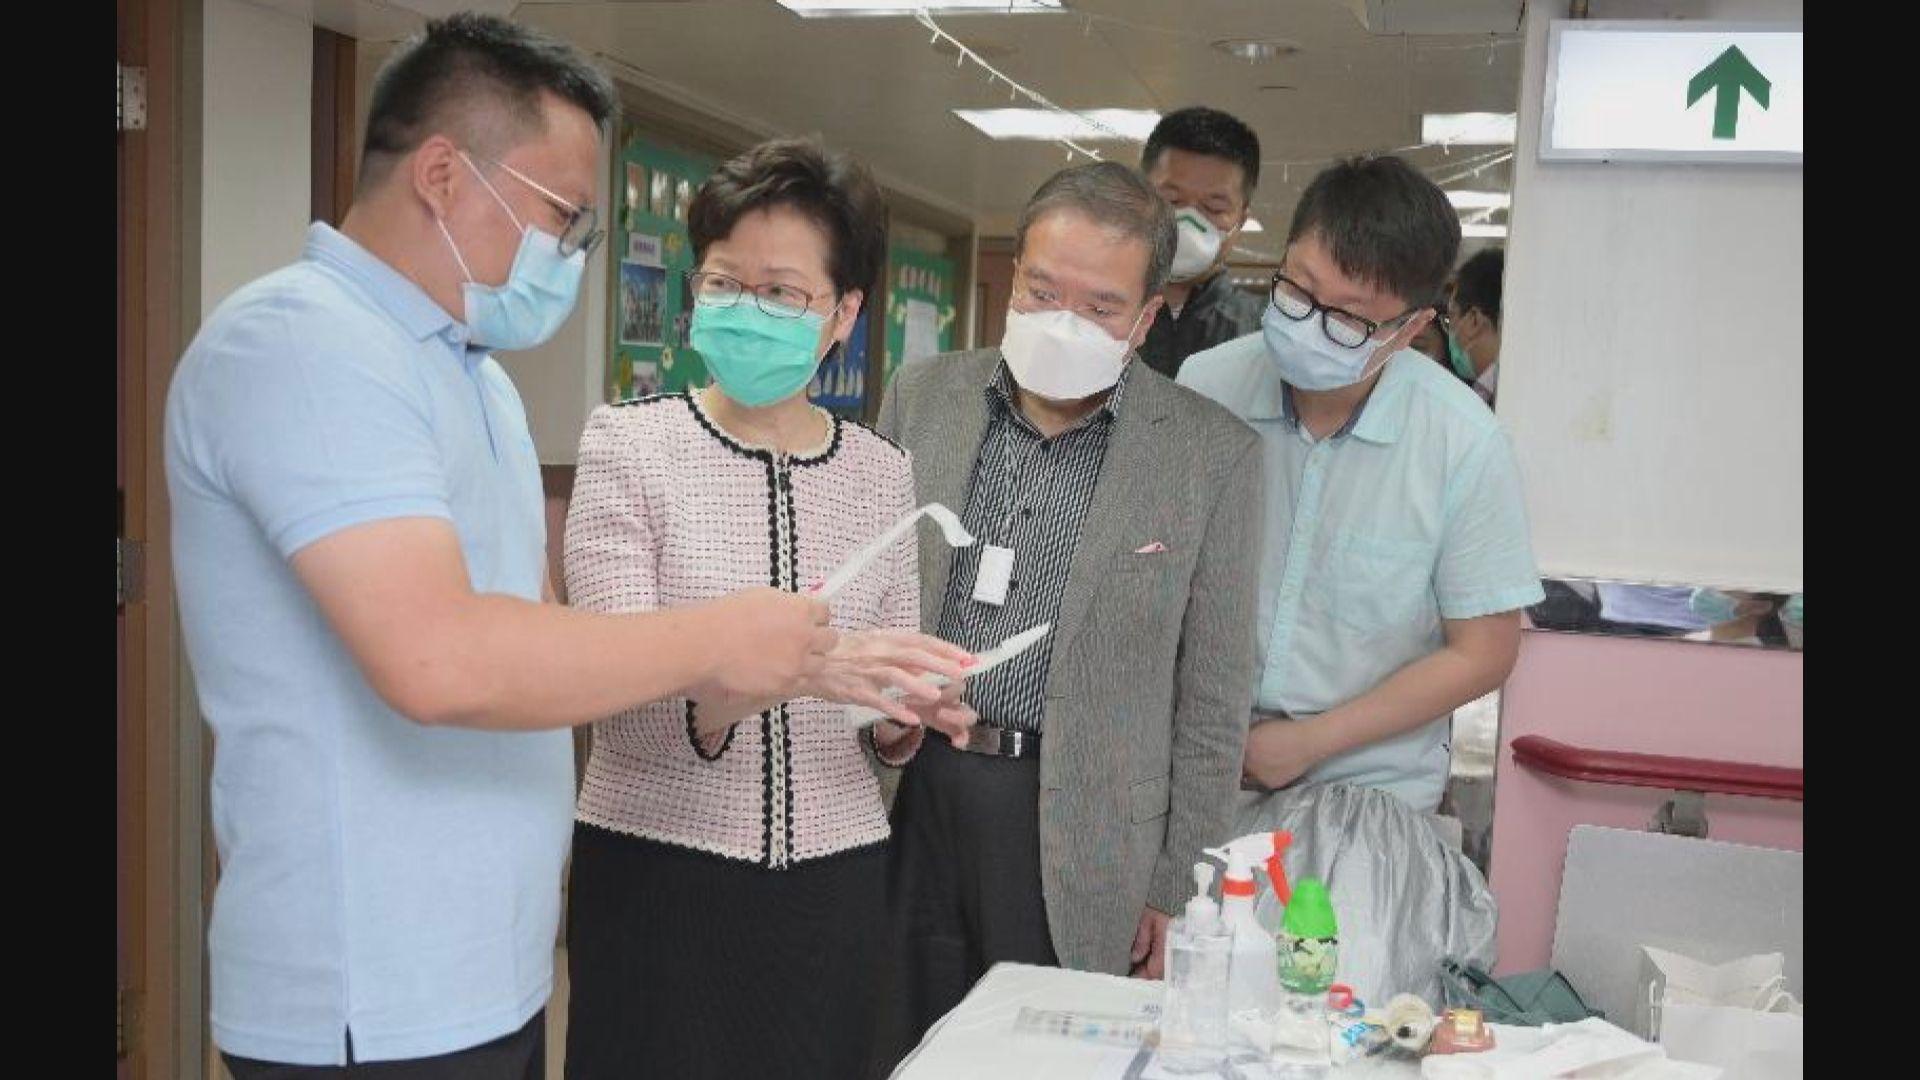 政府向兩間私營化驗所採購服務 為四類高危人士做檢測